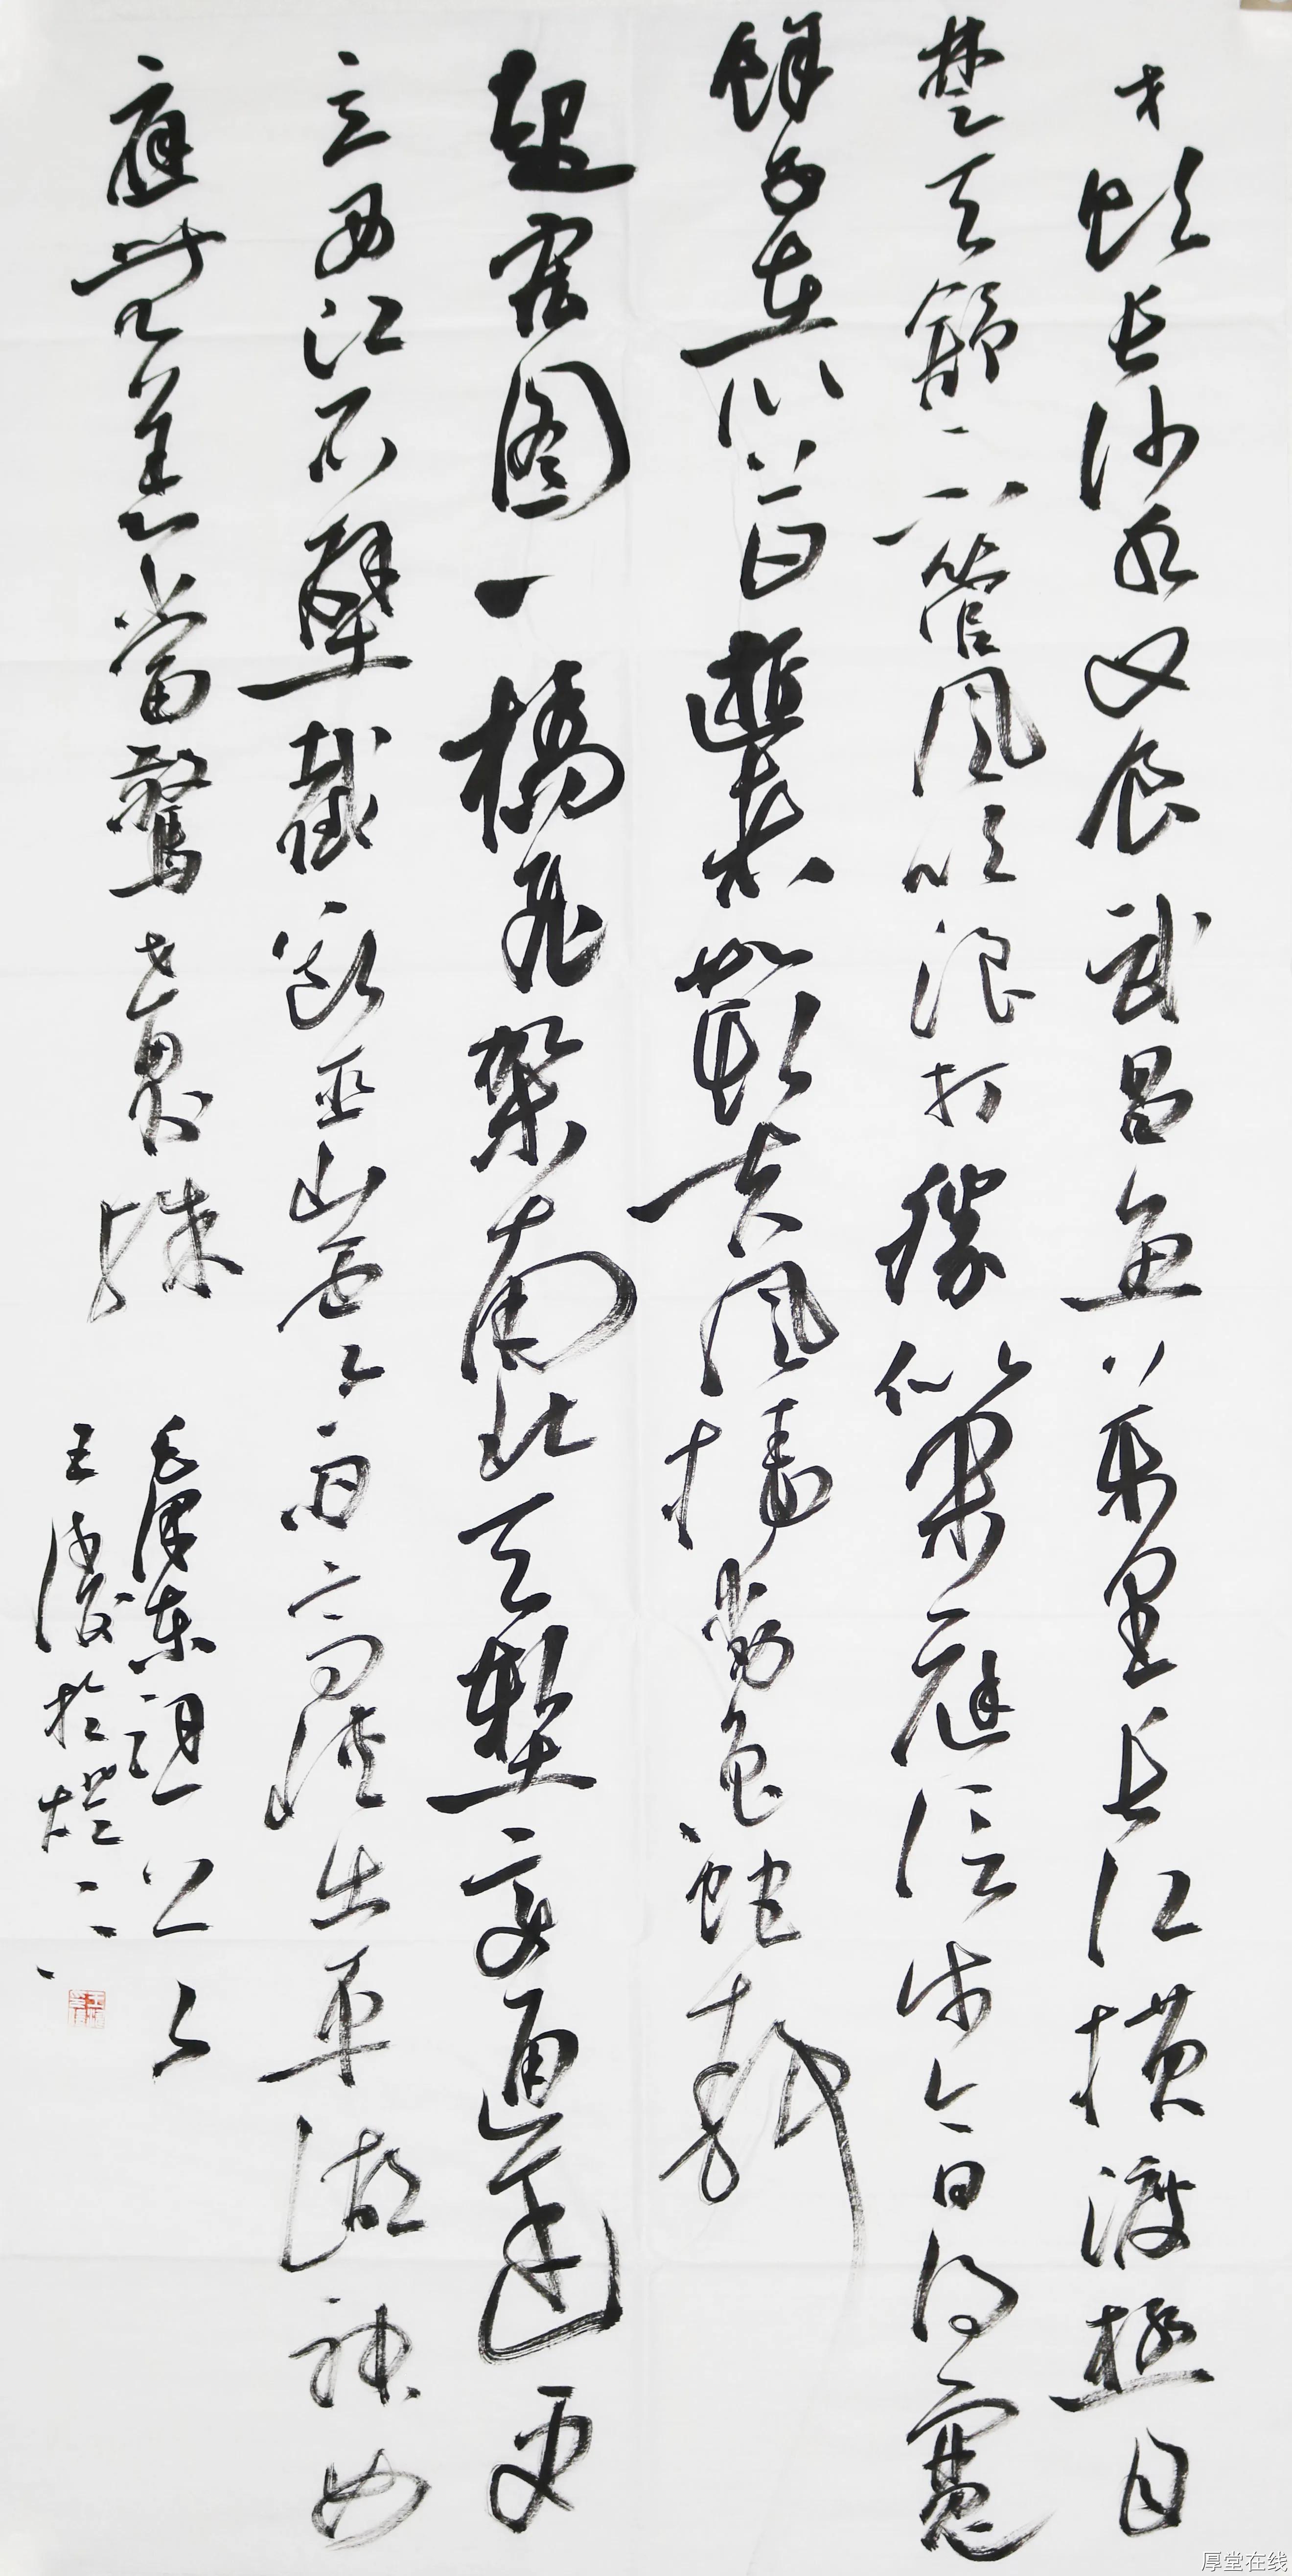 纪念毛泽东逝世45周年书法展